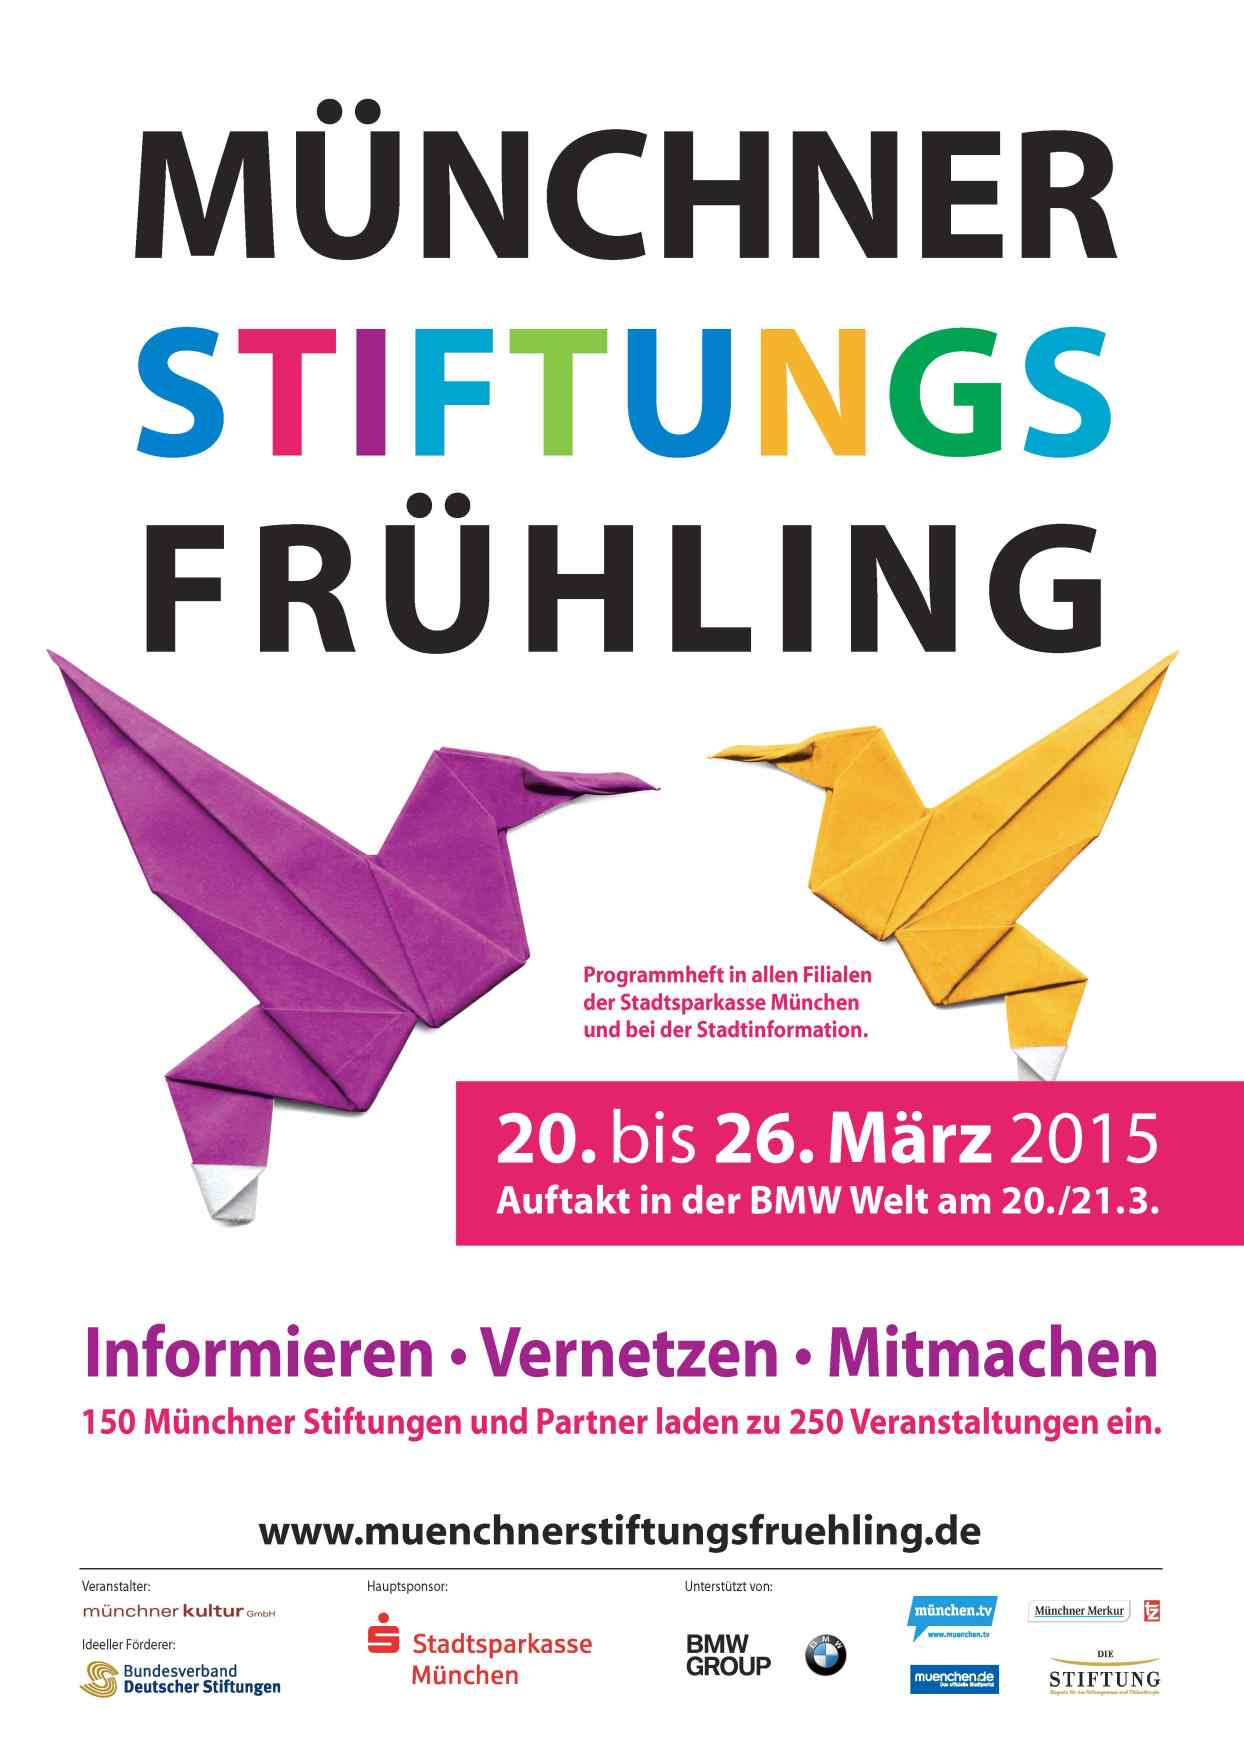 MünchnerStiftungsFrühling | 20.-26. März